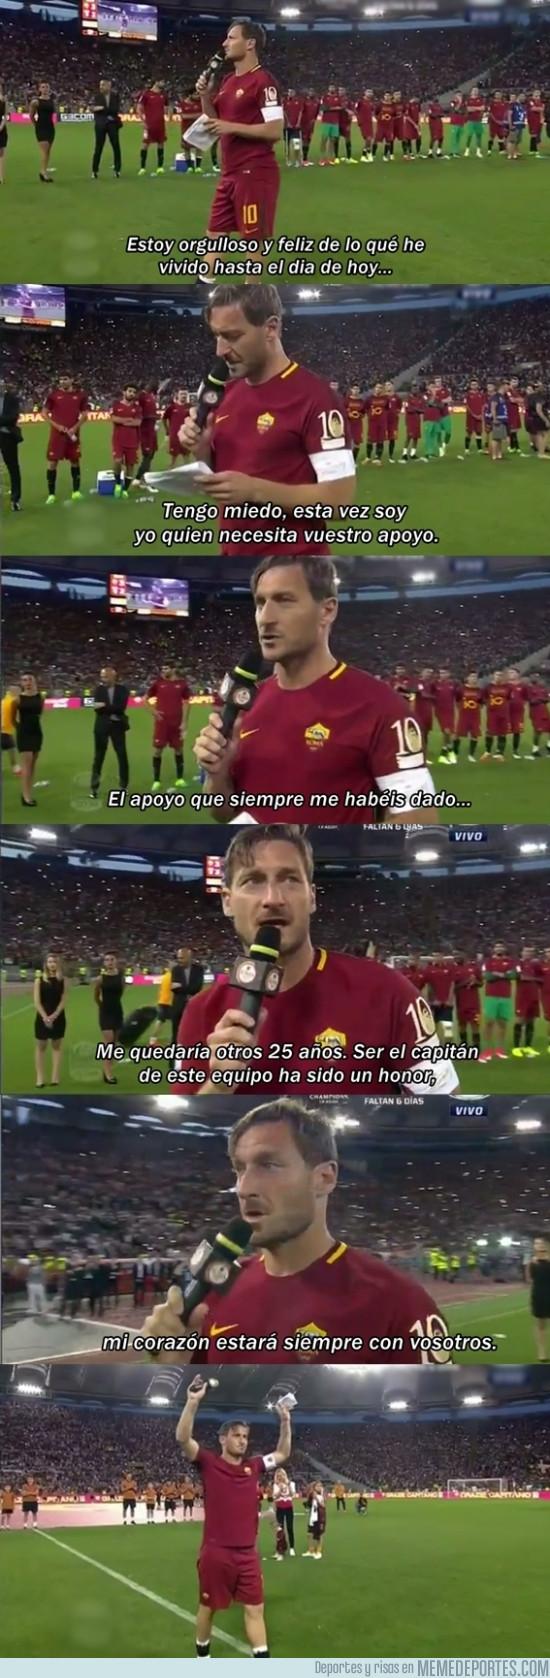 978662 - el ultimo discurso de Totti en el Olimpico de Roma